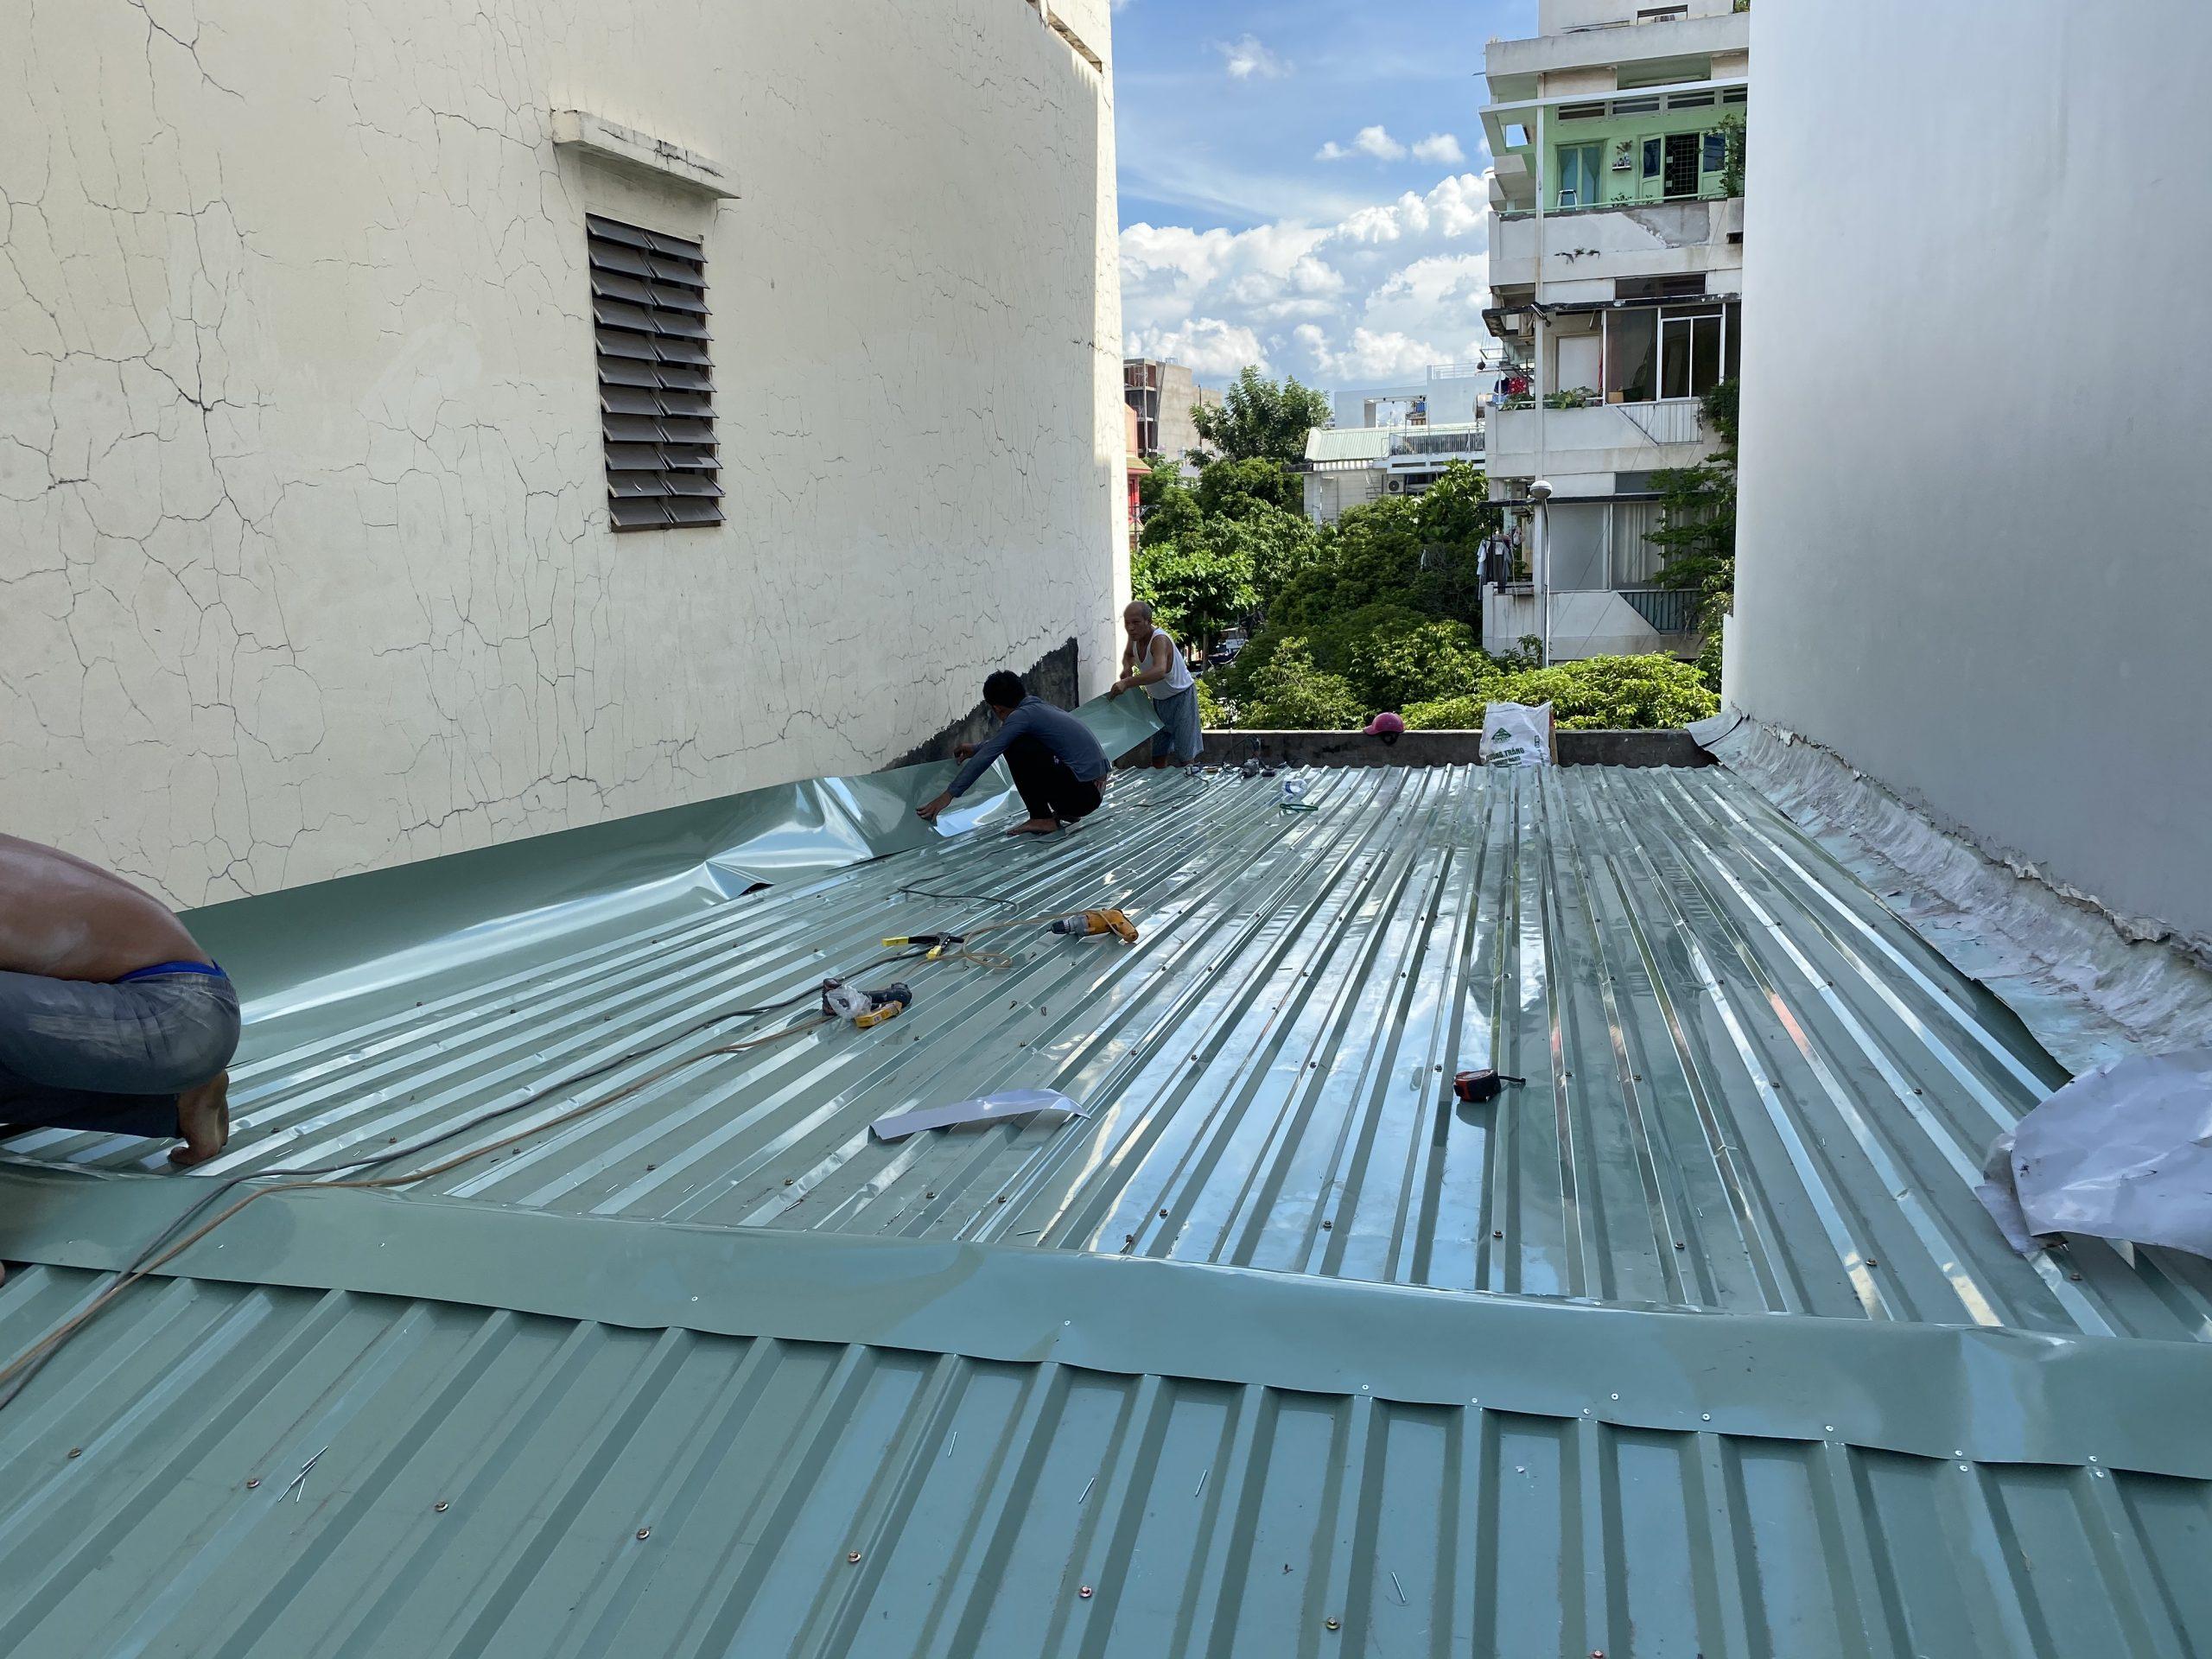 Thi công lắp đặt mái tôn mái ngói cho ngôi nhà của bạn